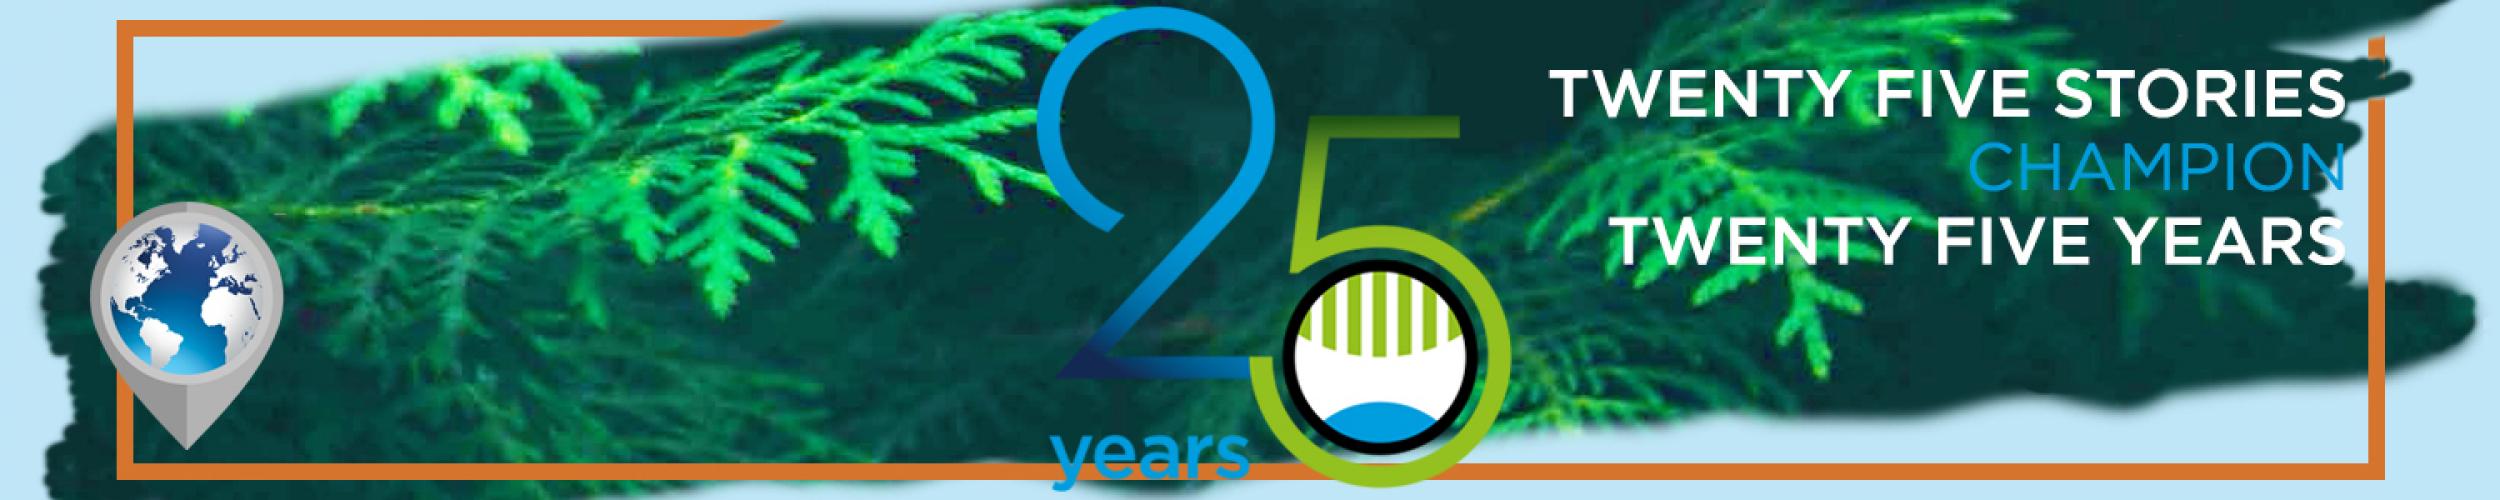 25 verhalen die staan voor 25 jaar TerraCottem